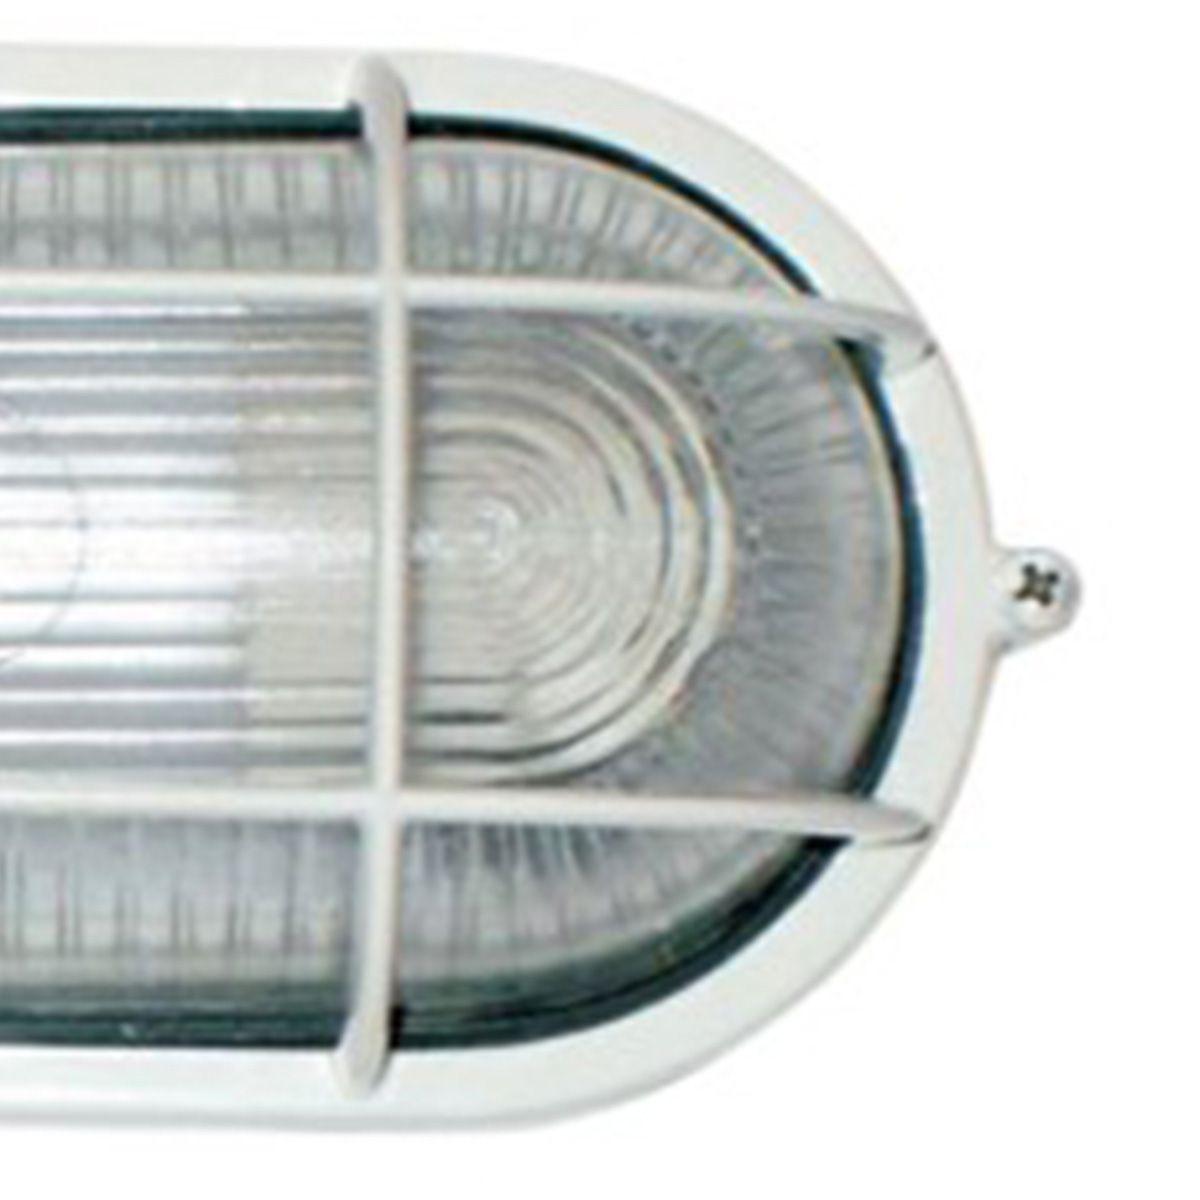 Tartaruga Oval 20cm Aluminio Pint. Epoxi E-27 1 Lamp. Max 60w C/ Grade Branca 5 unidades